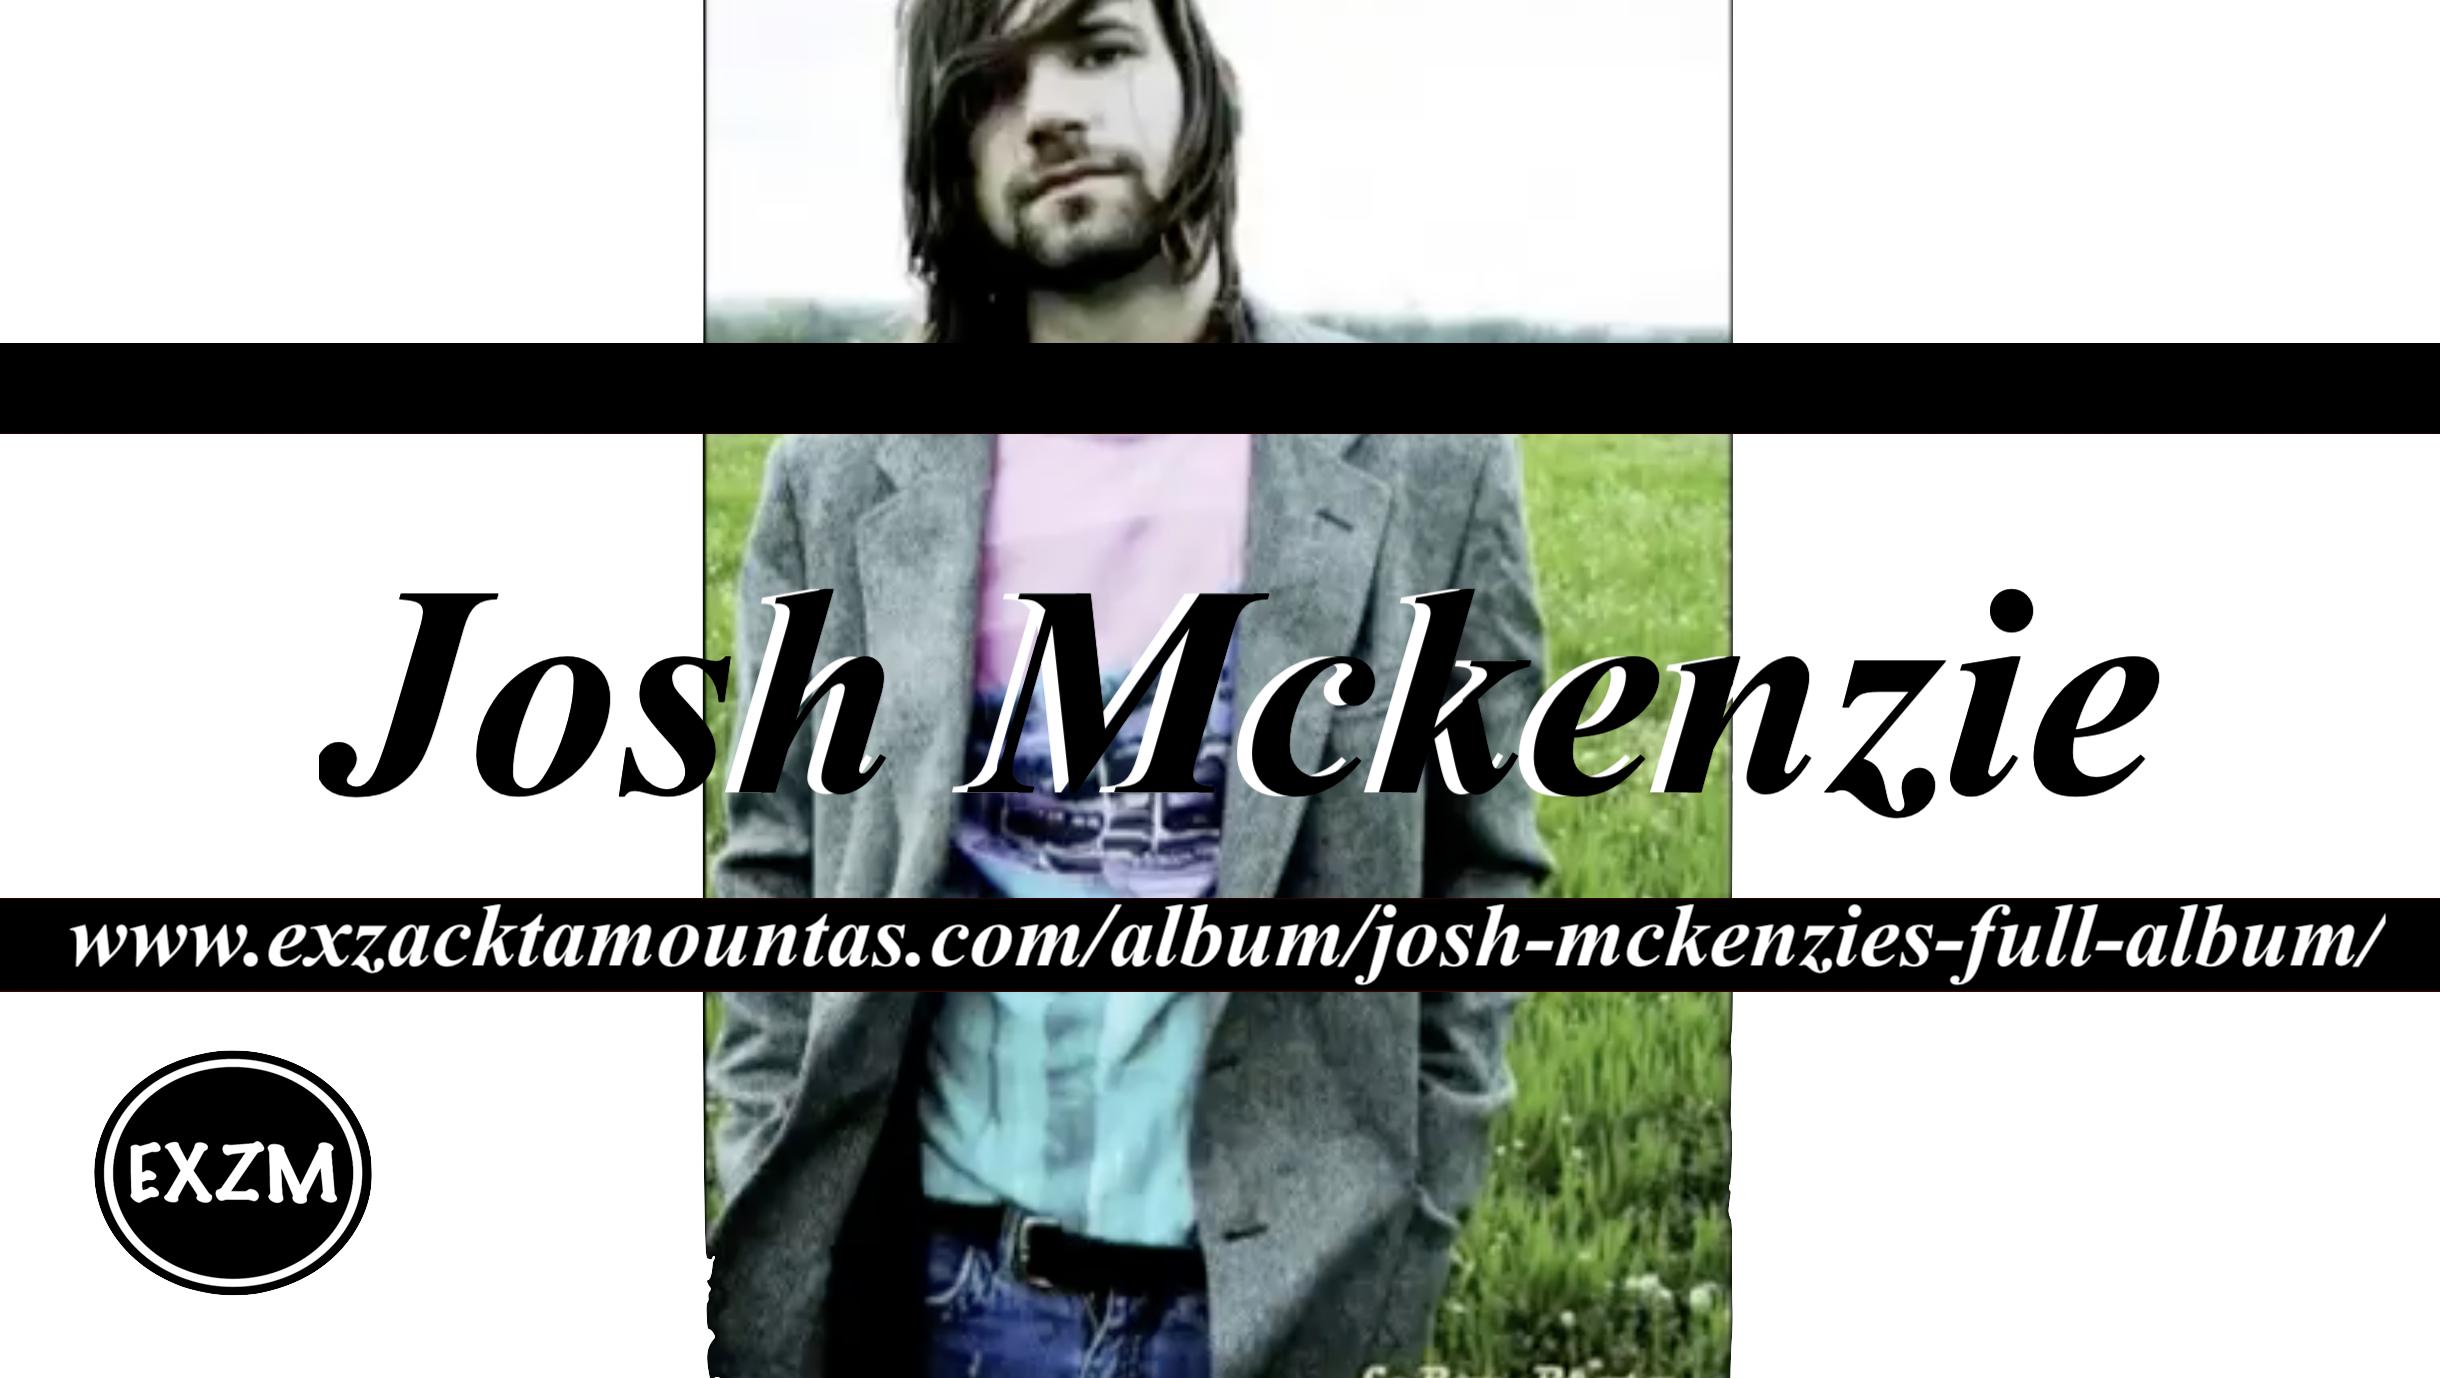 Josh Mckenzie Full Album EXZM 10 2 2019